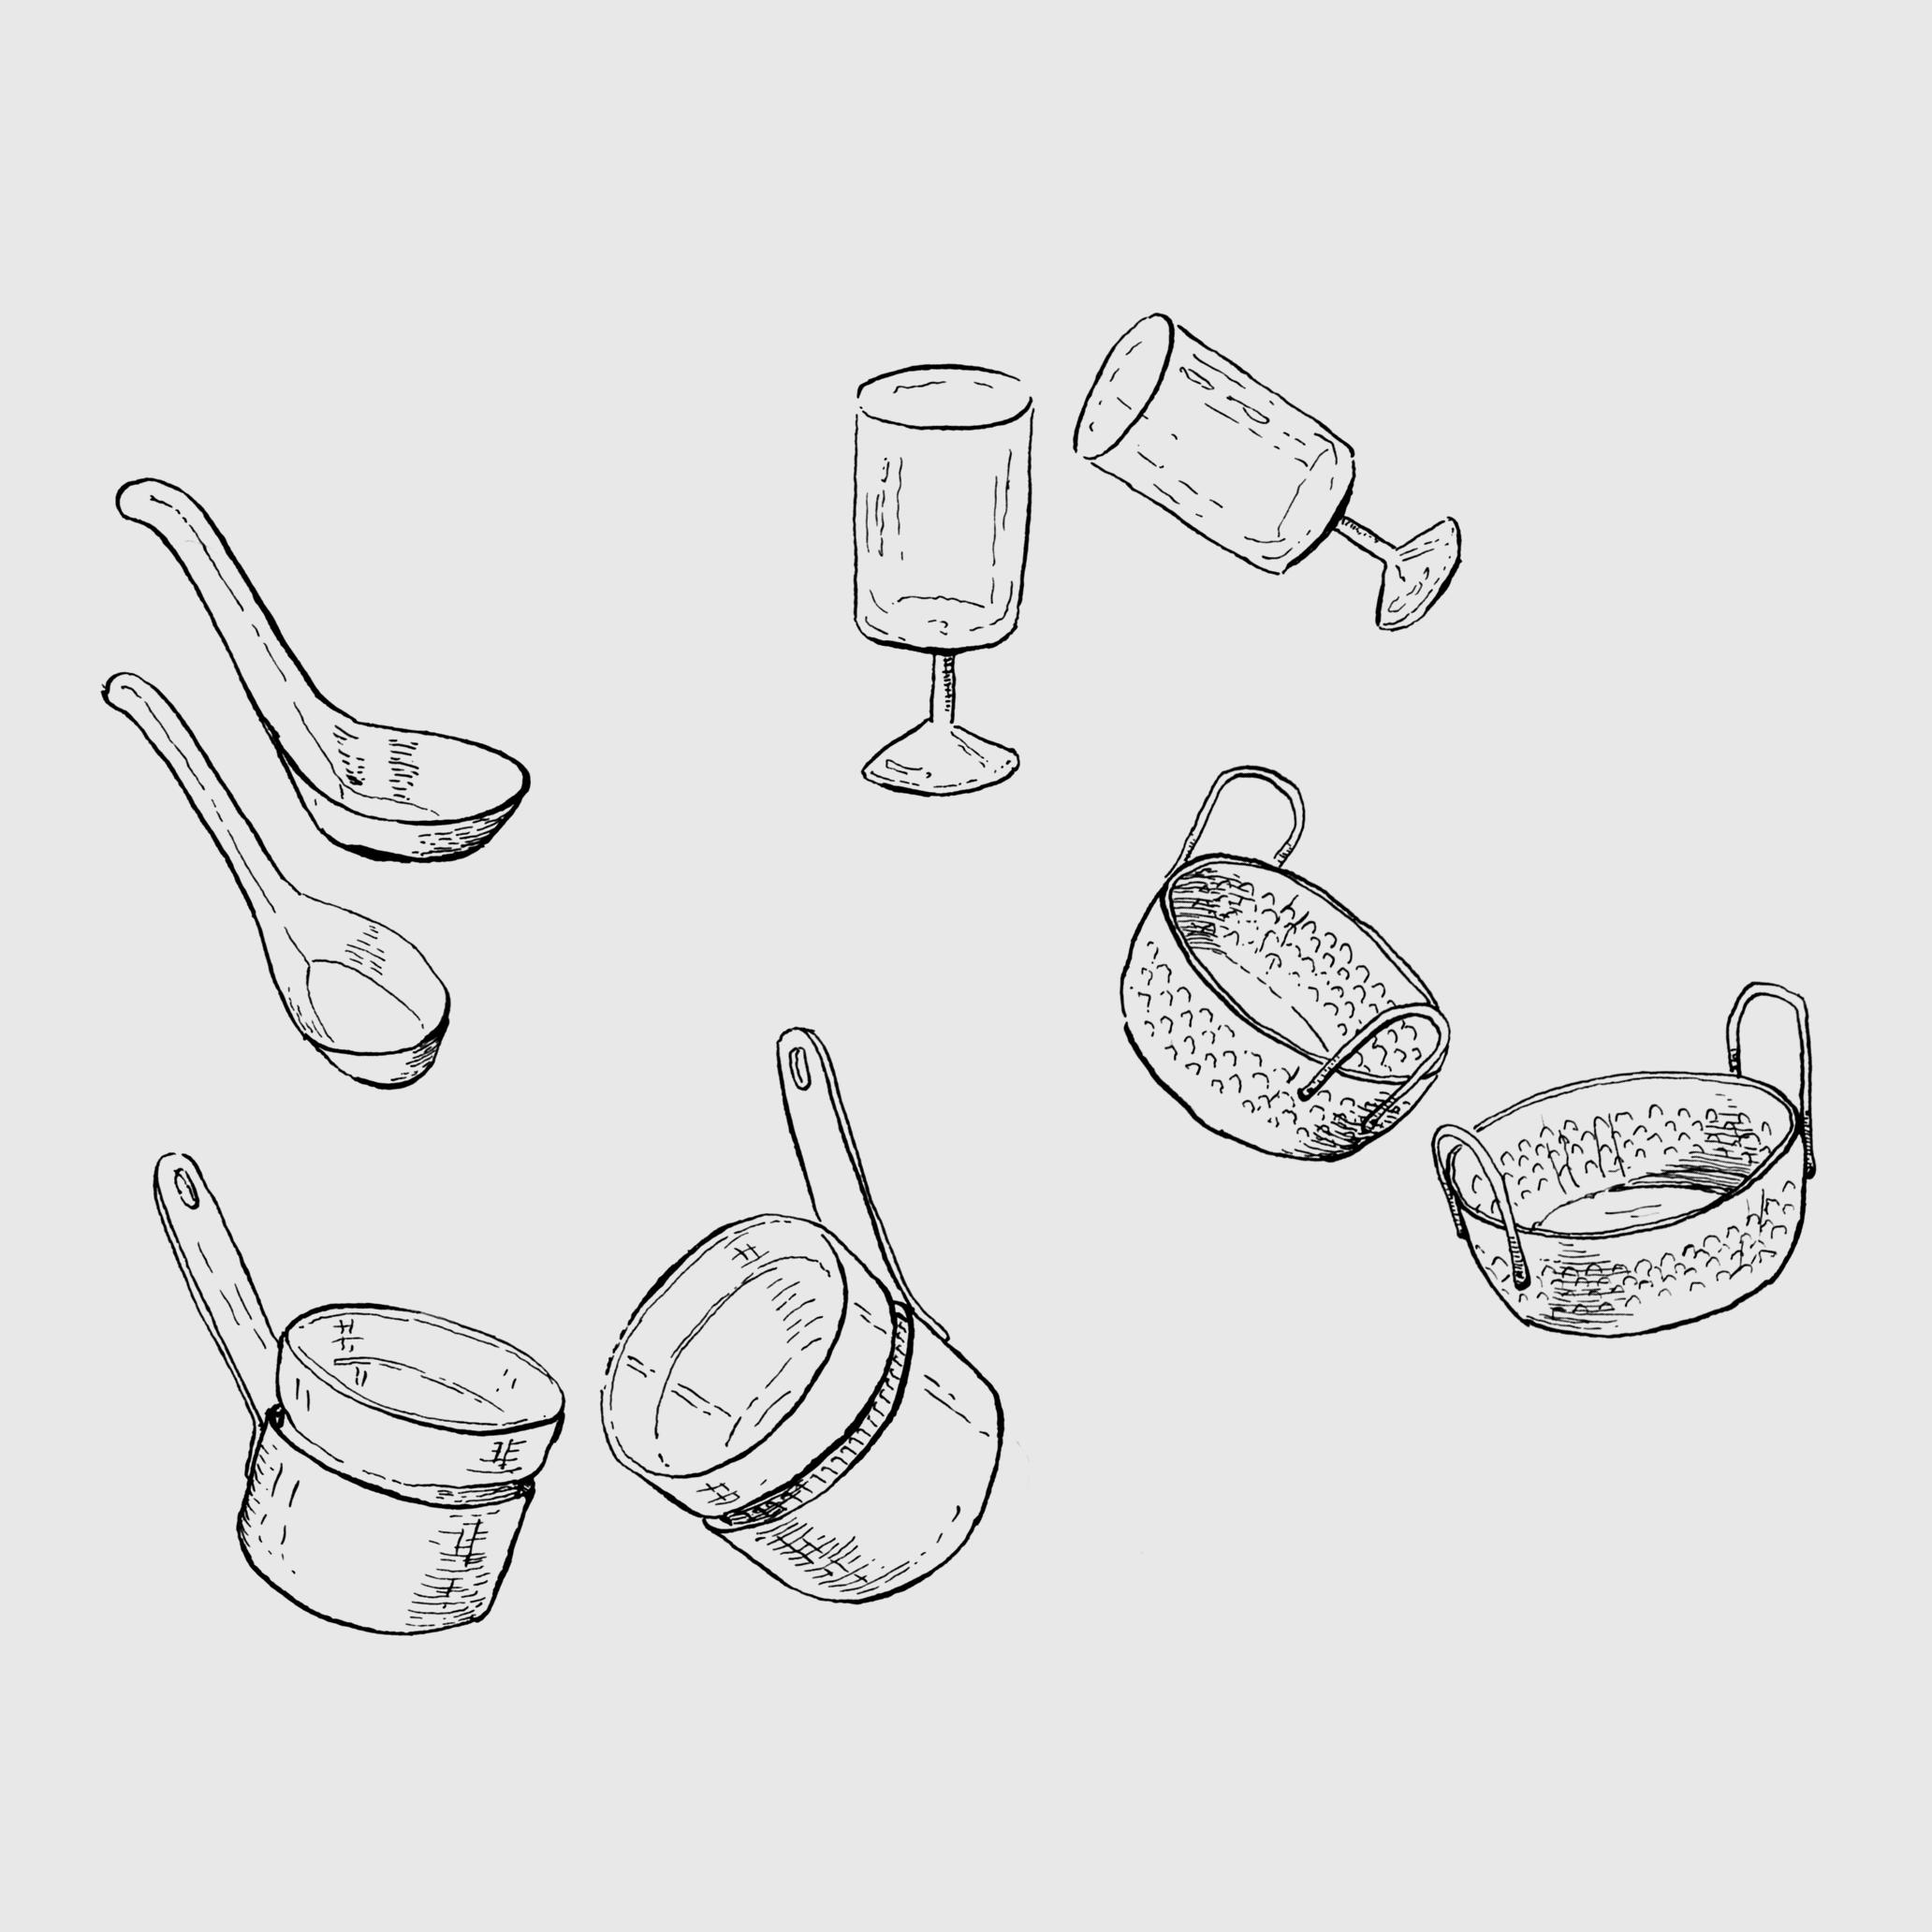 Ilustração 2 (Bico de Pena).